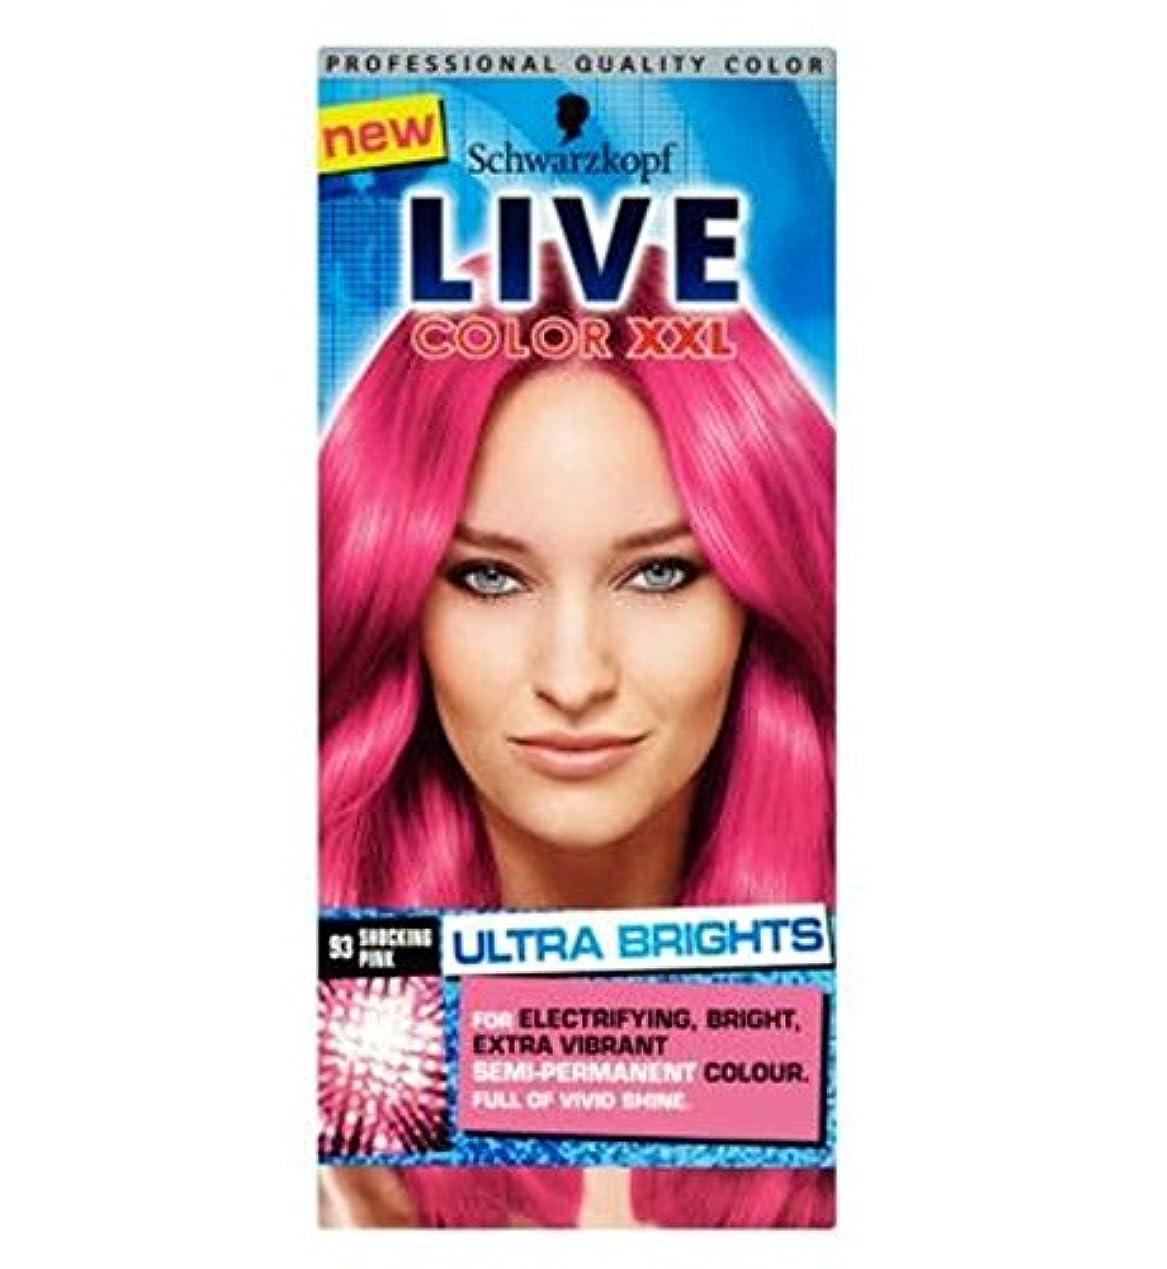 比較反対する聡明Schwarzkopf LIVE Color XXL Ultra Brights 93 Shocking Pink Semi-Permanent Pink Hair Dye - シュワルツコフライブカラーXxl超輝93ショッキングピンク...